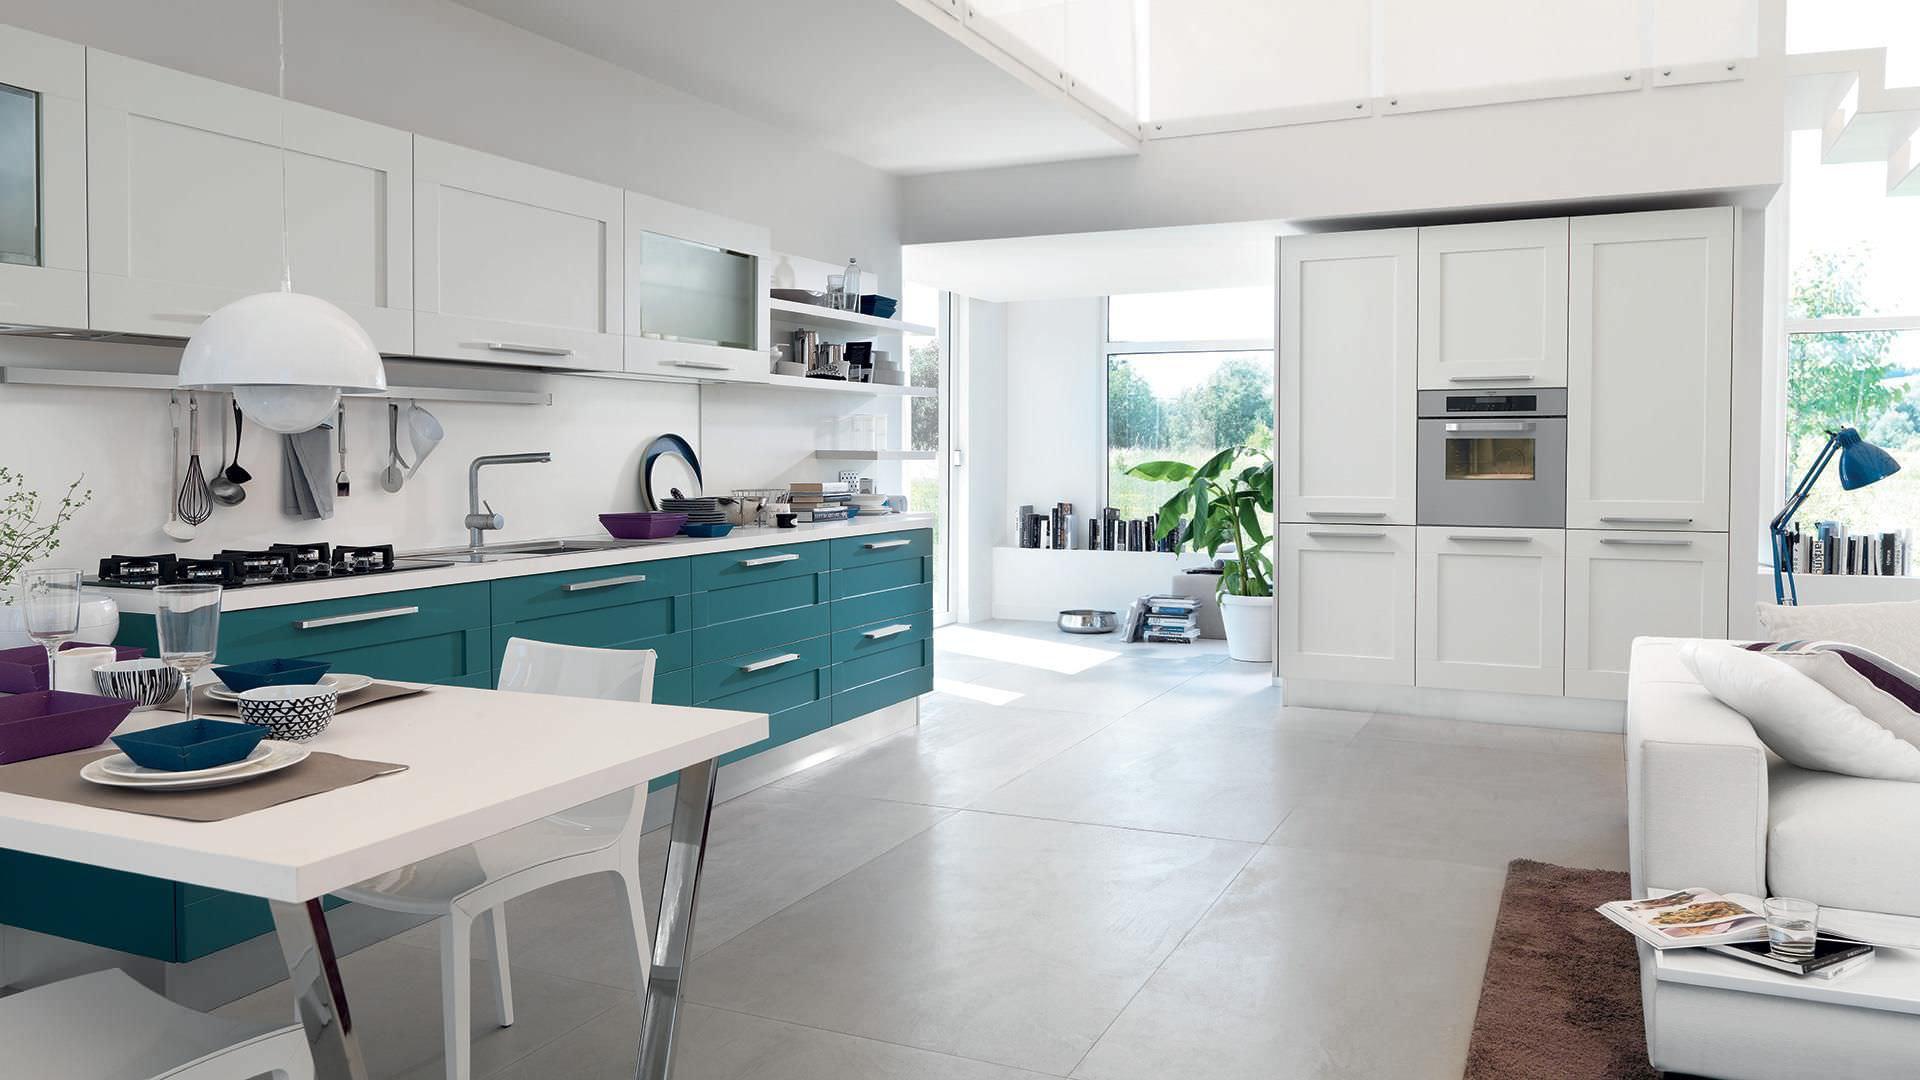 Cucina moderna / in legno / con impugnature - GALLERY - CUCINE LUBE ...